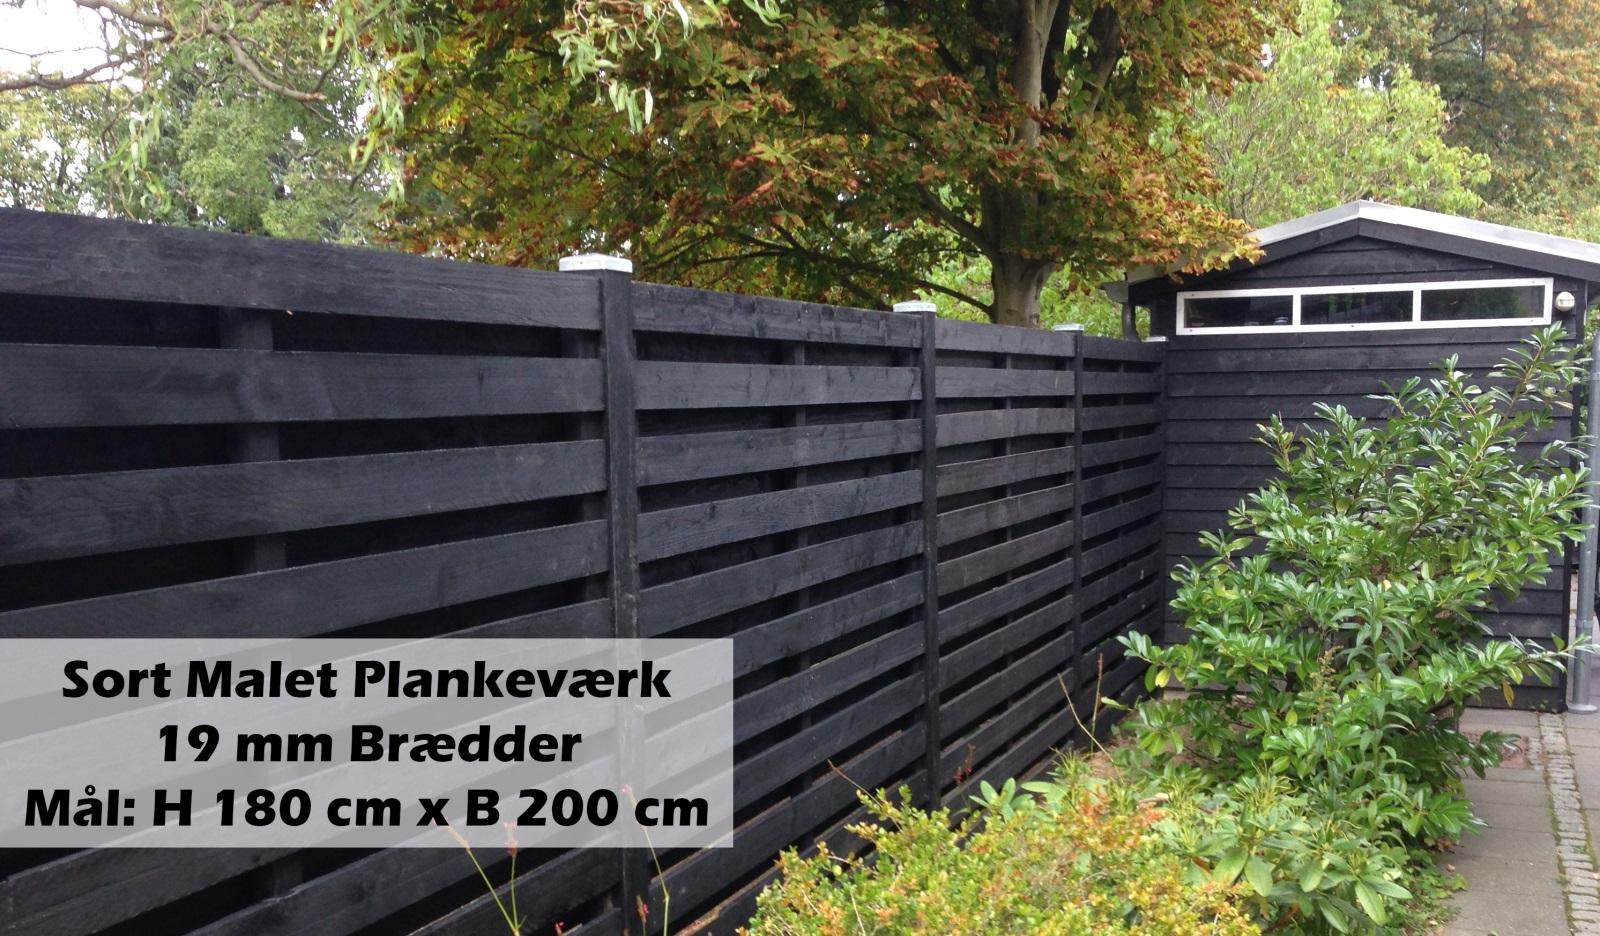 #604C2B Dette års Plankeværkshjælp Lav Det Selv.dk Forum Lav Det Selv.dk Gør Det Selv Plankeværk 5901 16009365901